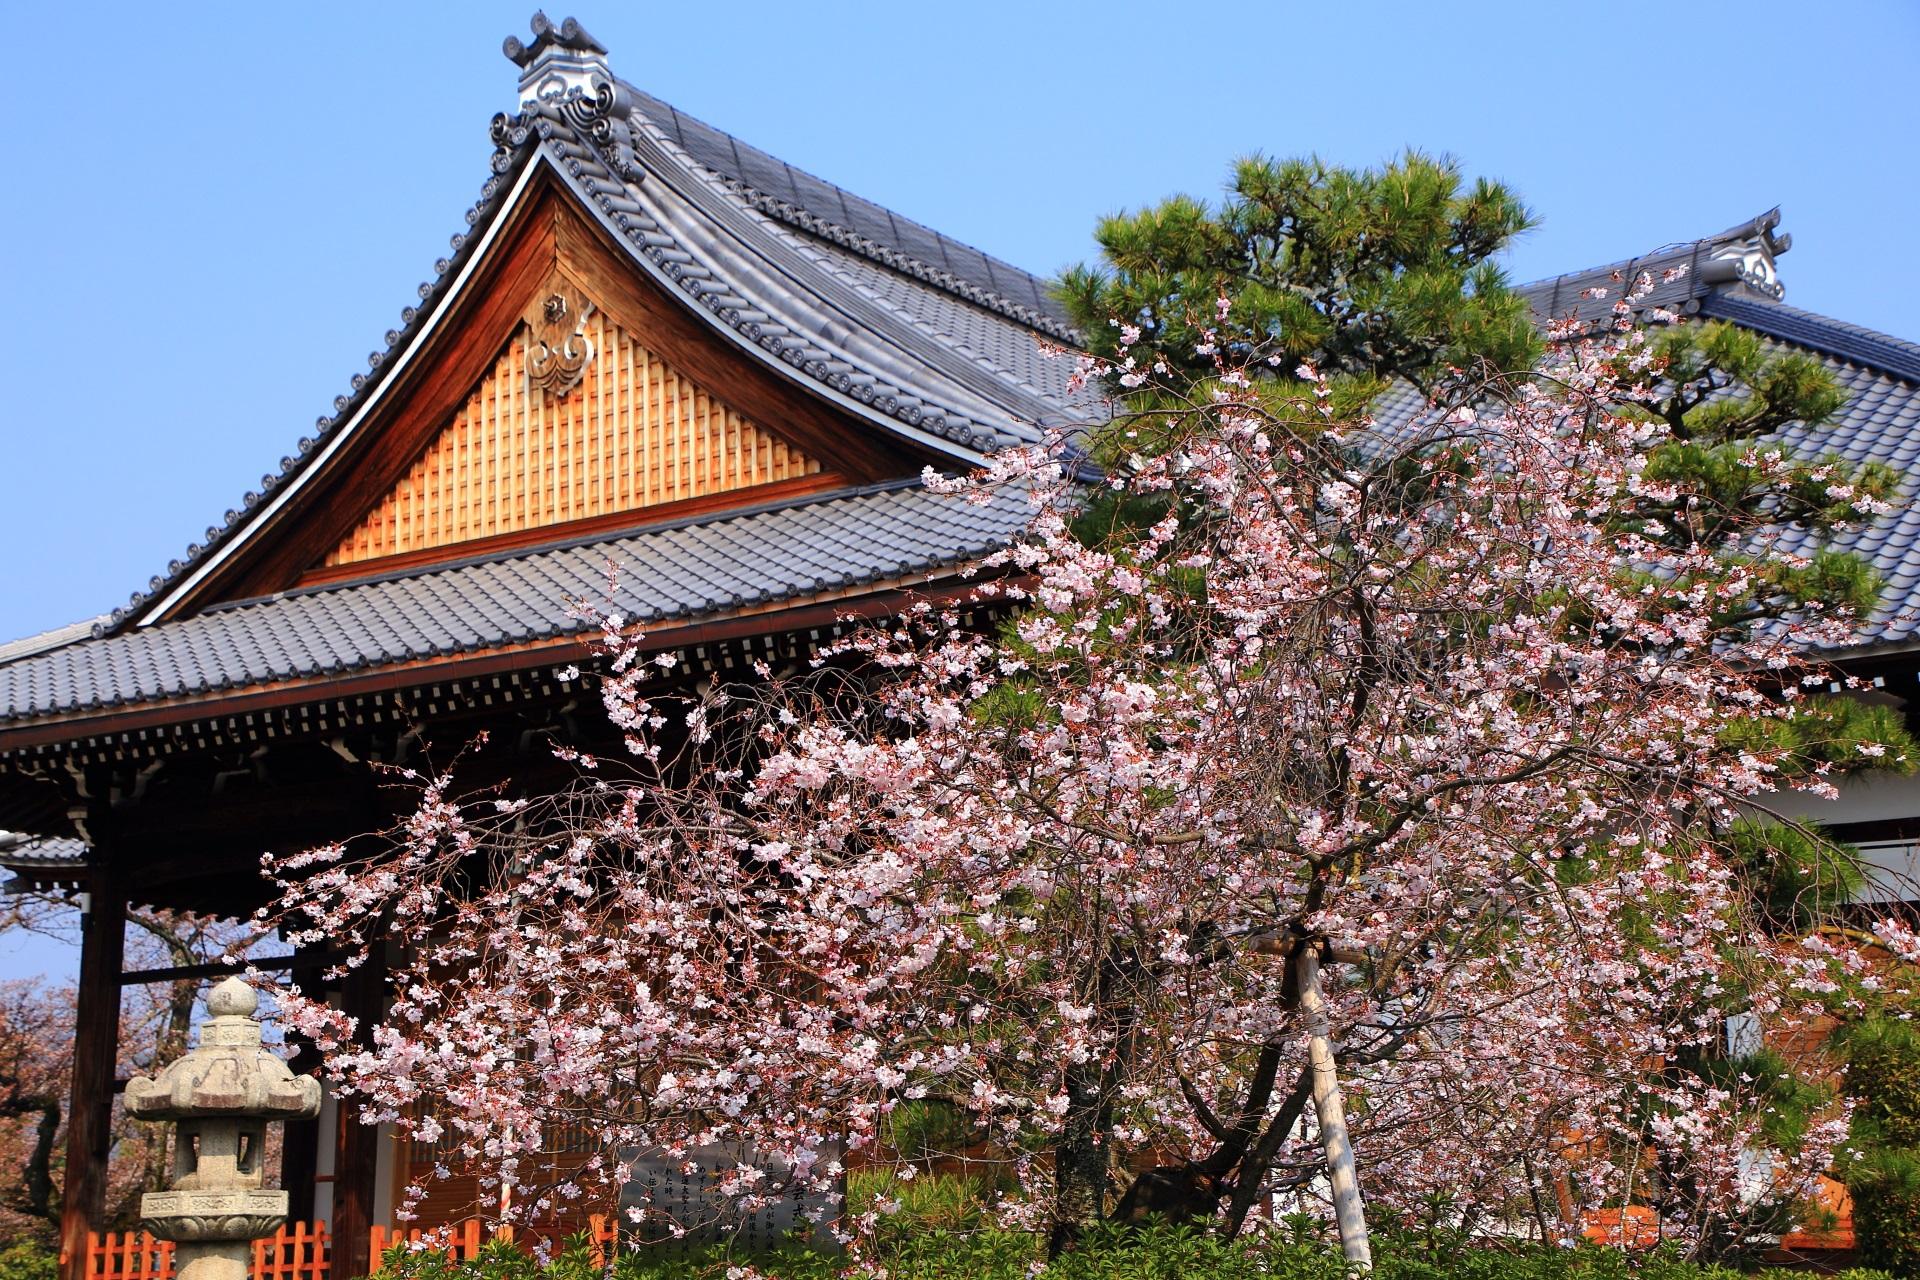 お釈迦様の誕生日に満開になる御会式桜